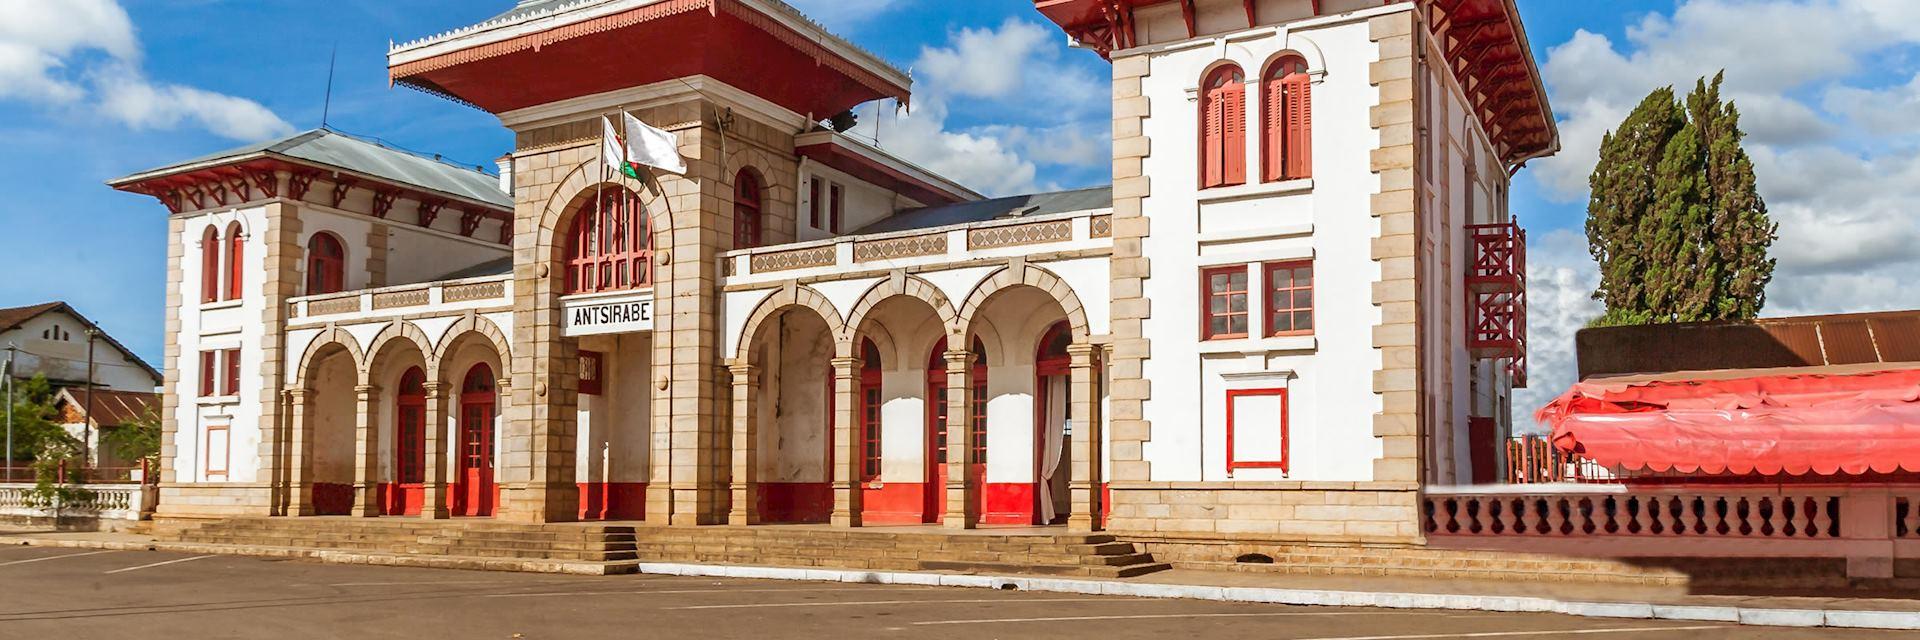 Railway station, Antsirabe